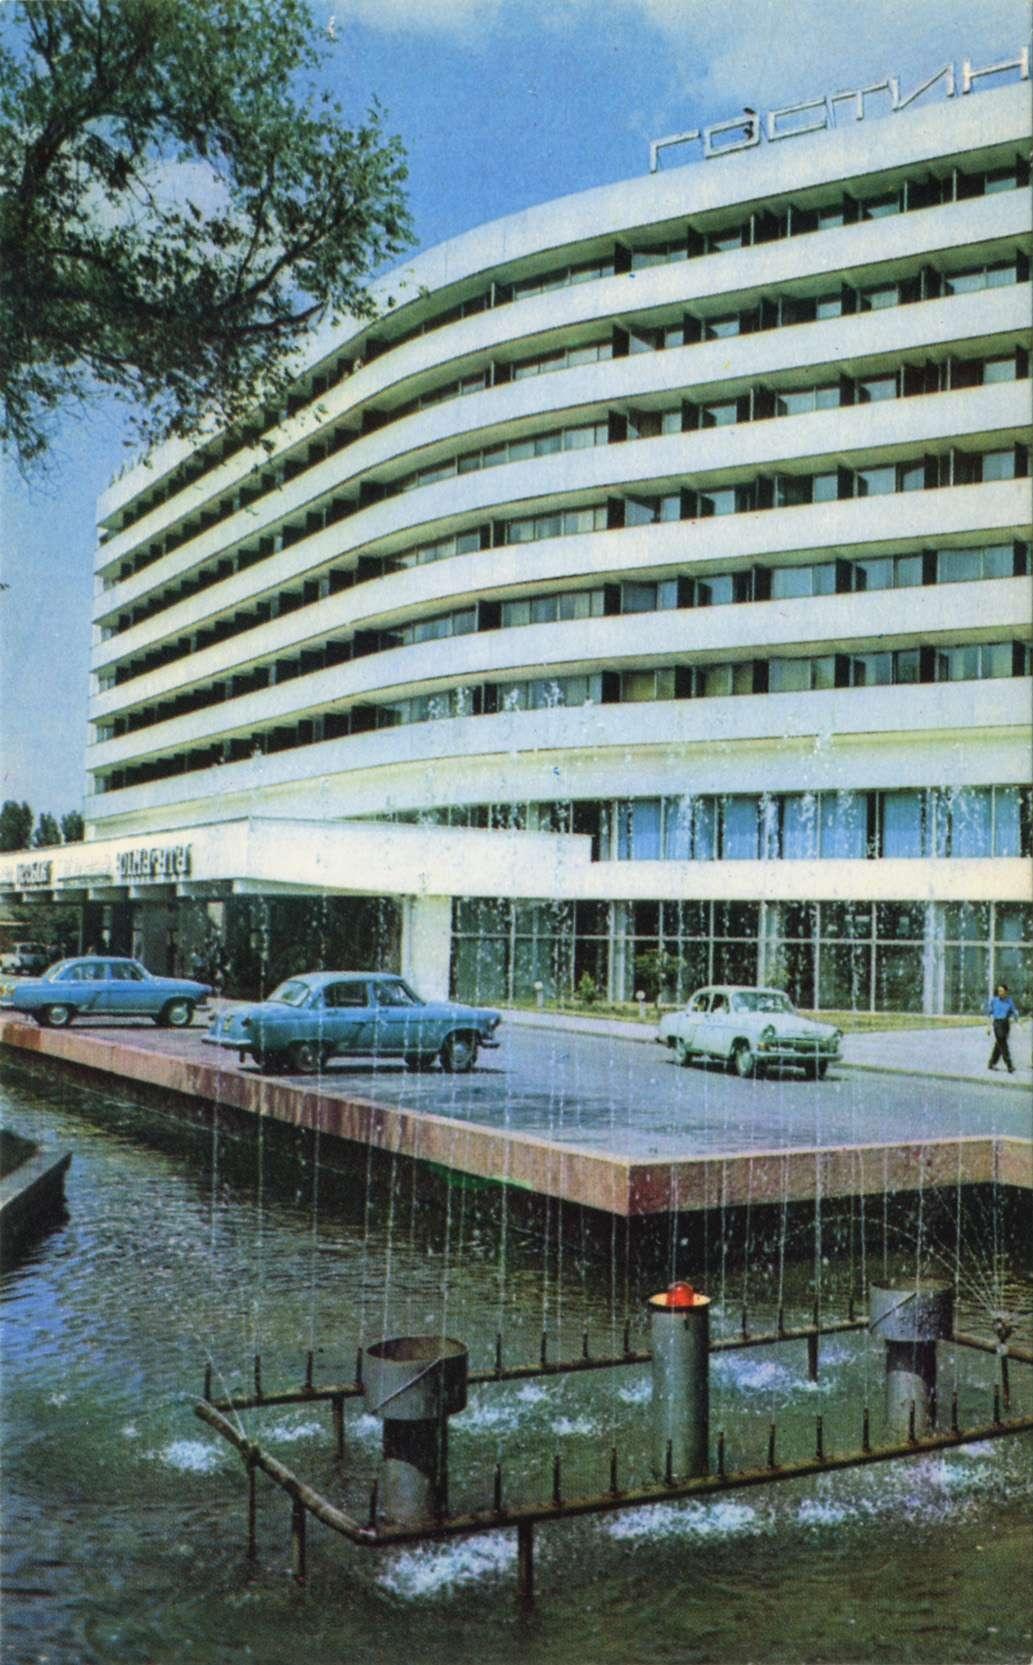 Открытка с видом гостиницы1970-го года. Оригинальная отделка здания. Автор Б. Подгорный